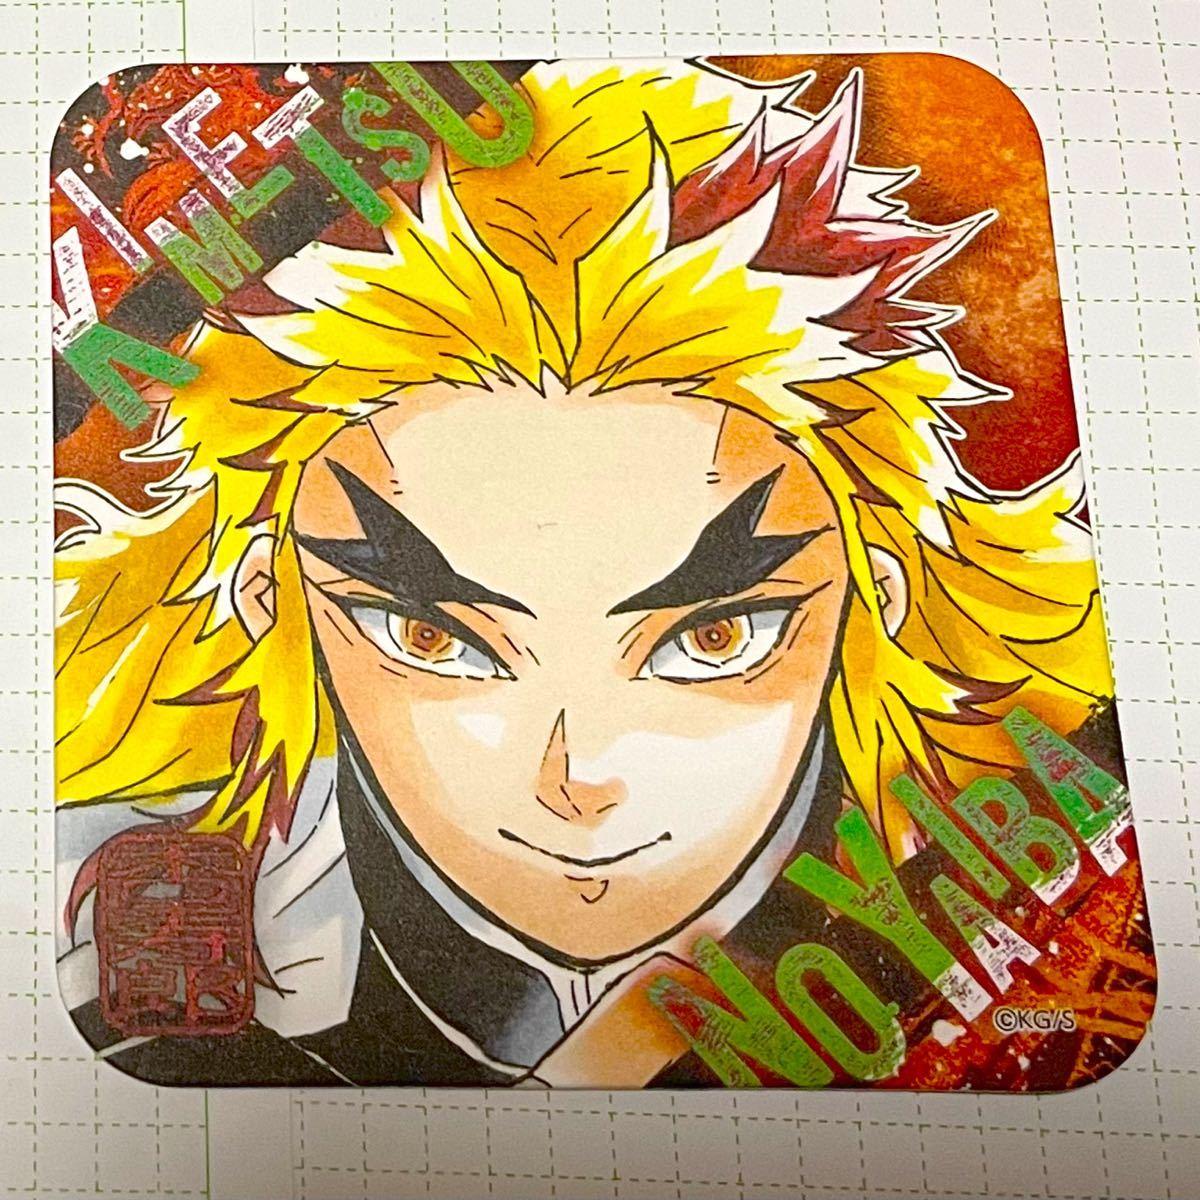 鬼滅の刃 煉獄杏寿郎 ジャンプフェスタ2020アートコースター